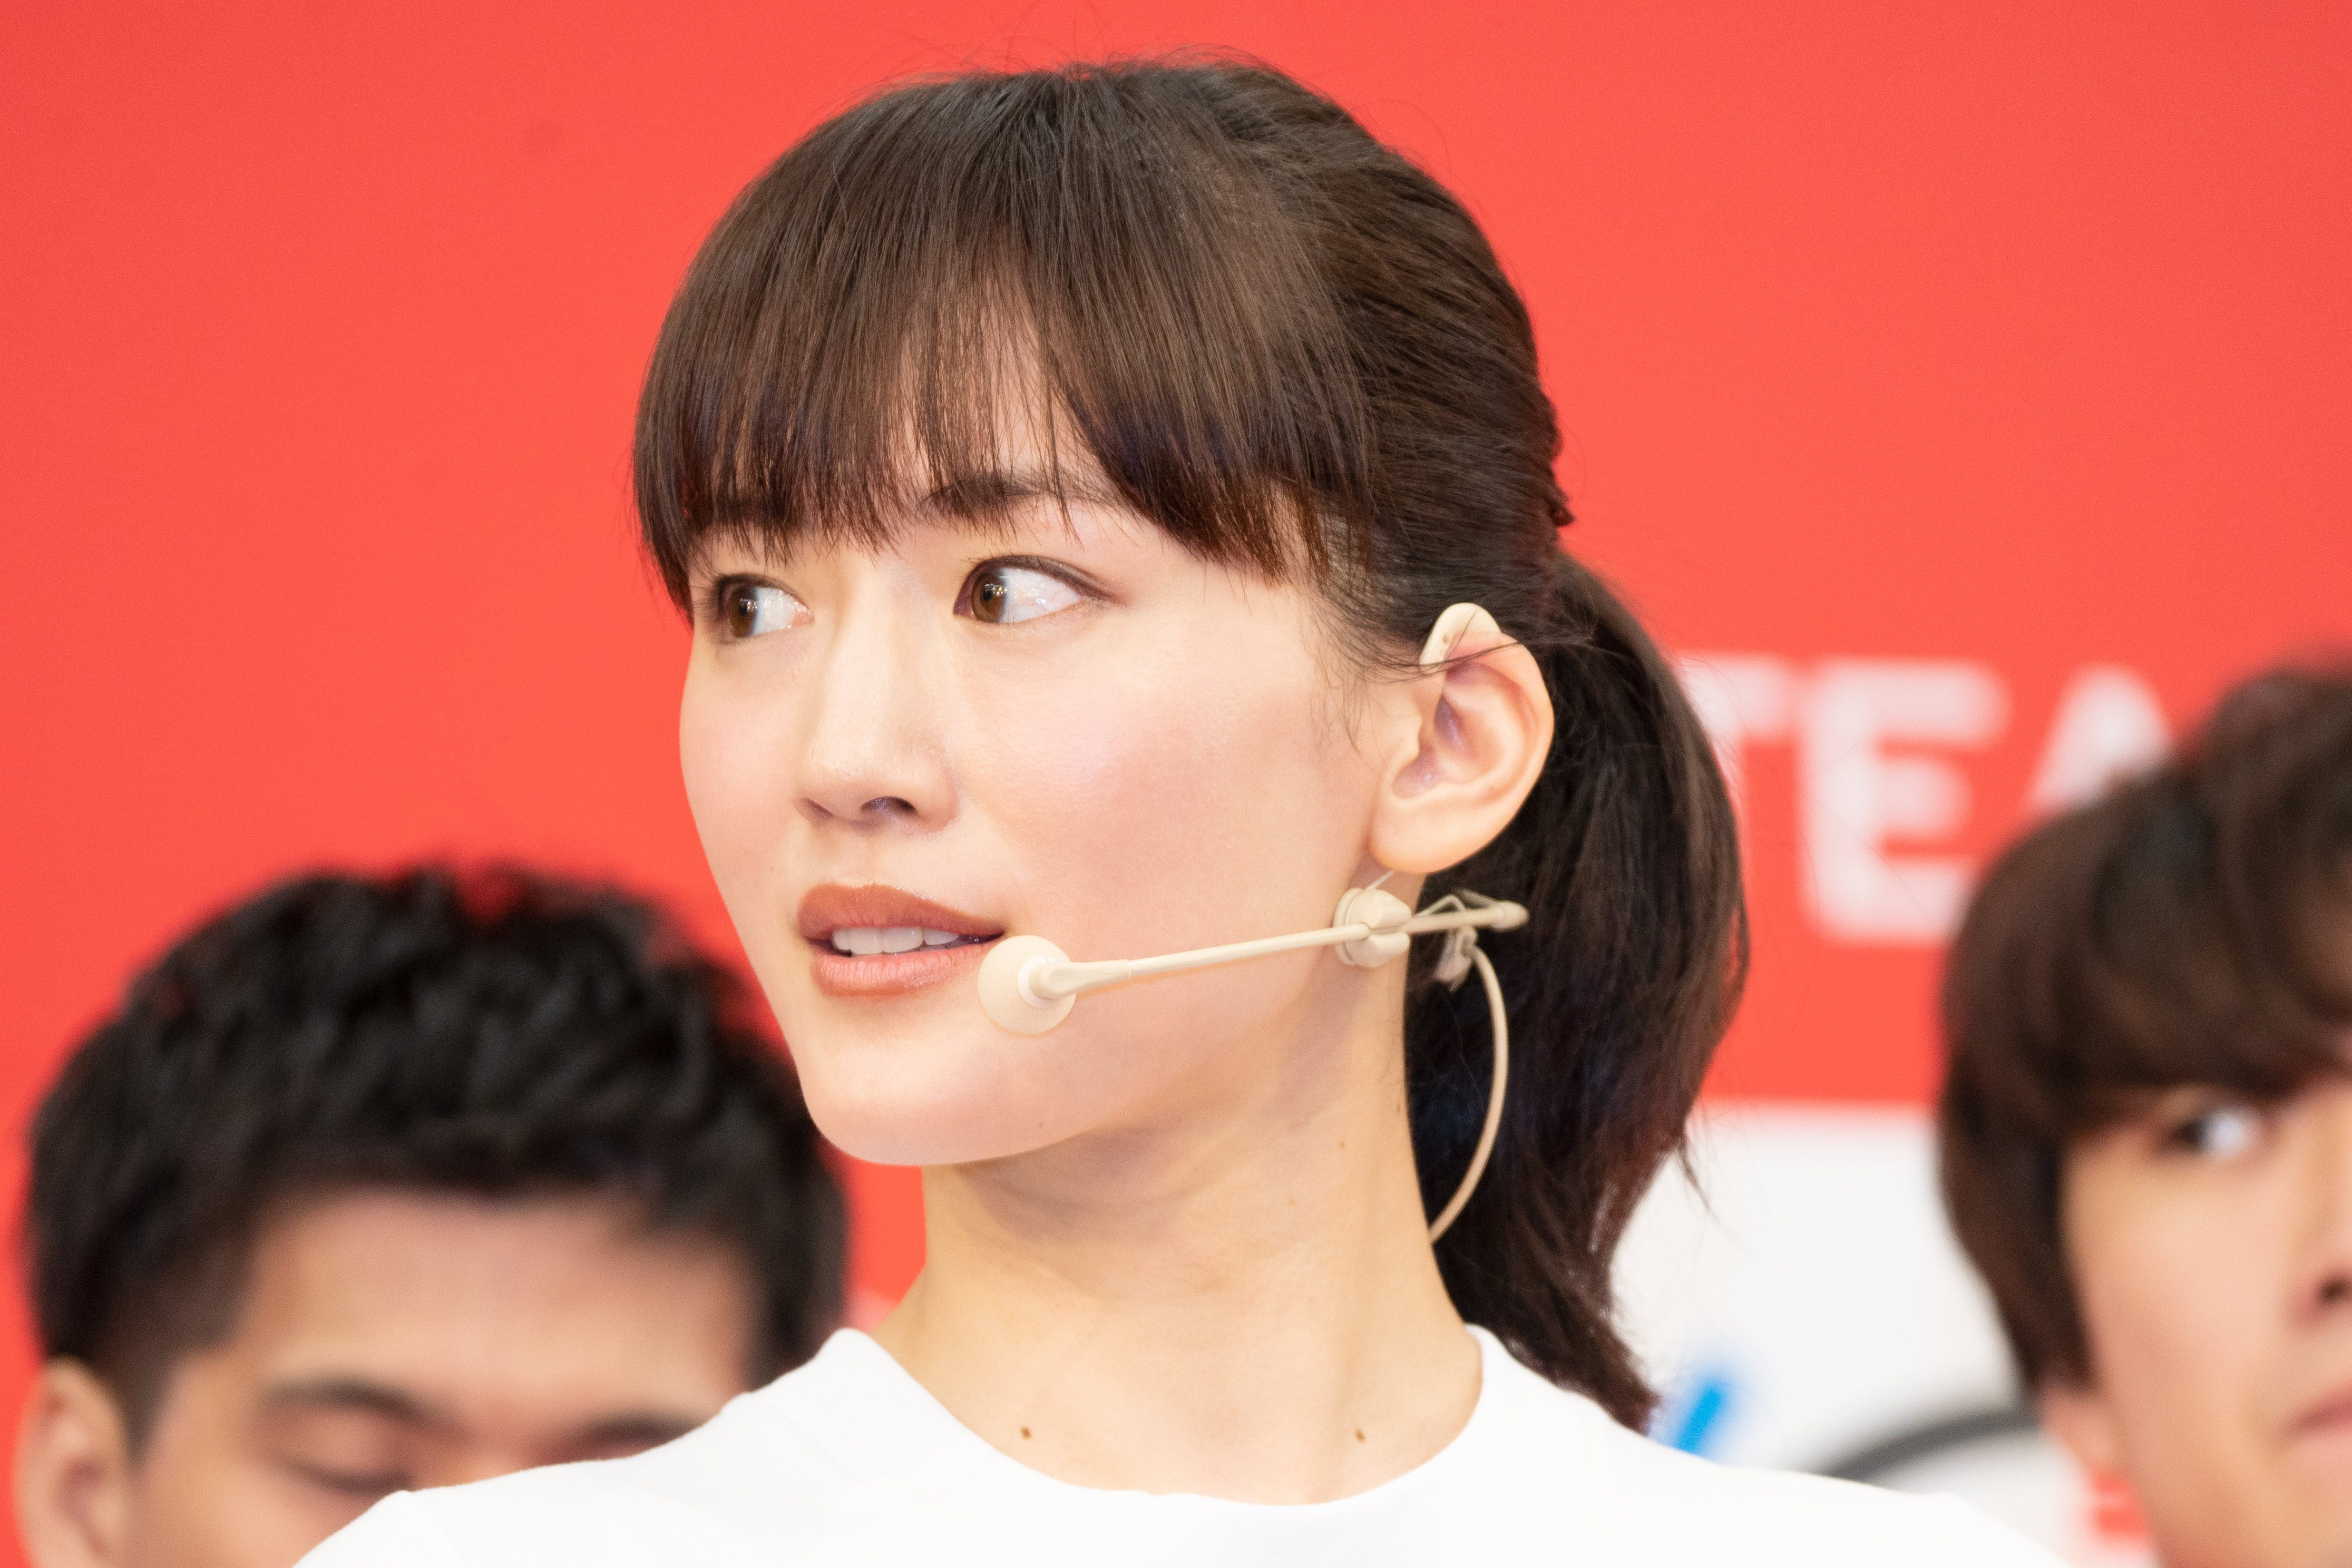 綾瀬はるか、北島康介とトーチキス 聖火リレー体験では「興奮した」と笑顔 - 綾瀬はるか